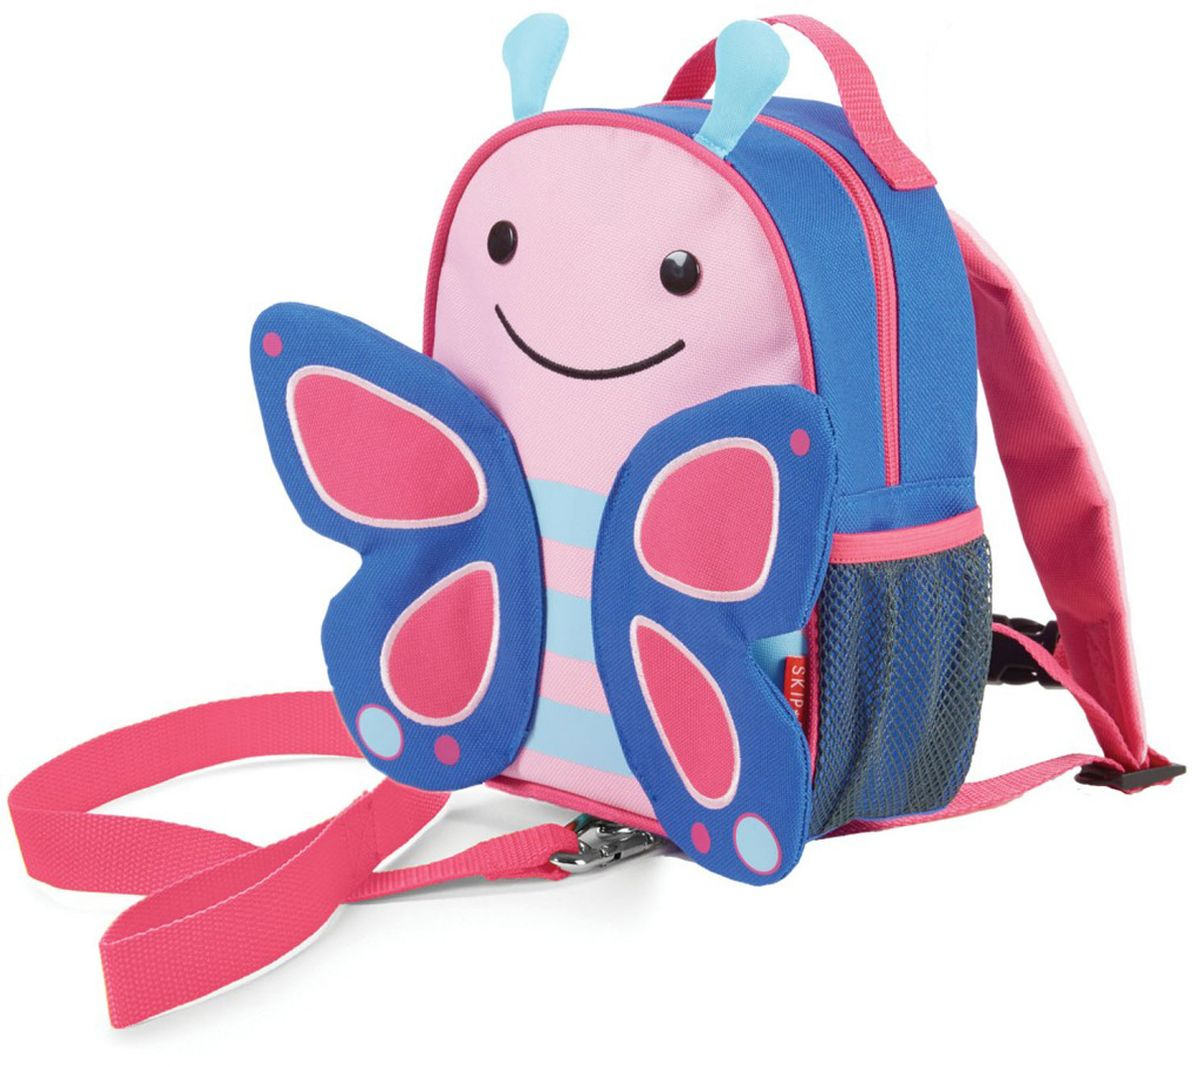 Skip Hop Рюкзак дошкольный Бабочка с поводком730396Дошкольный рюкзак Skip Hop, выполненный в виде бабочки, поможет сделать первые шаги, подстрахует малыша в ответственный момент, огородит родителей от лишних волнений и беспокойств с помощью поводка для детской безопасности. При необходимости поводок можно отстегнуть.Милая мордашка животного всегда будет поднимать настроение, а вместительный кармашек позволит носить с собой необходимые вещи: пакетик с соком, любимые игрушки и блокноты для рисования.Рюкзак имеет одно отделение на застежке-молнии, в котором находится бирка для имени.